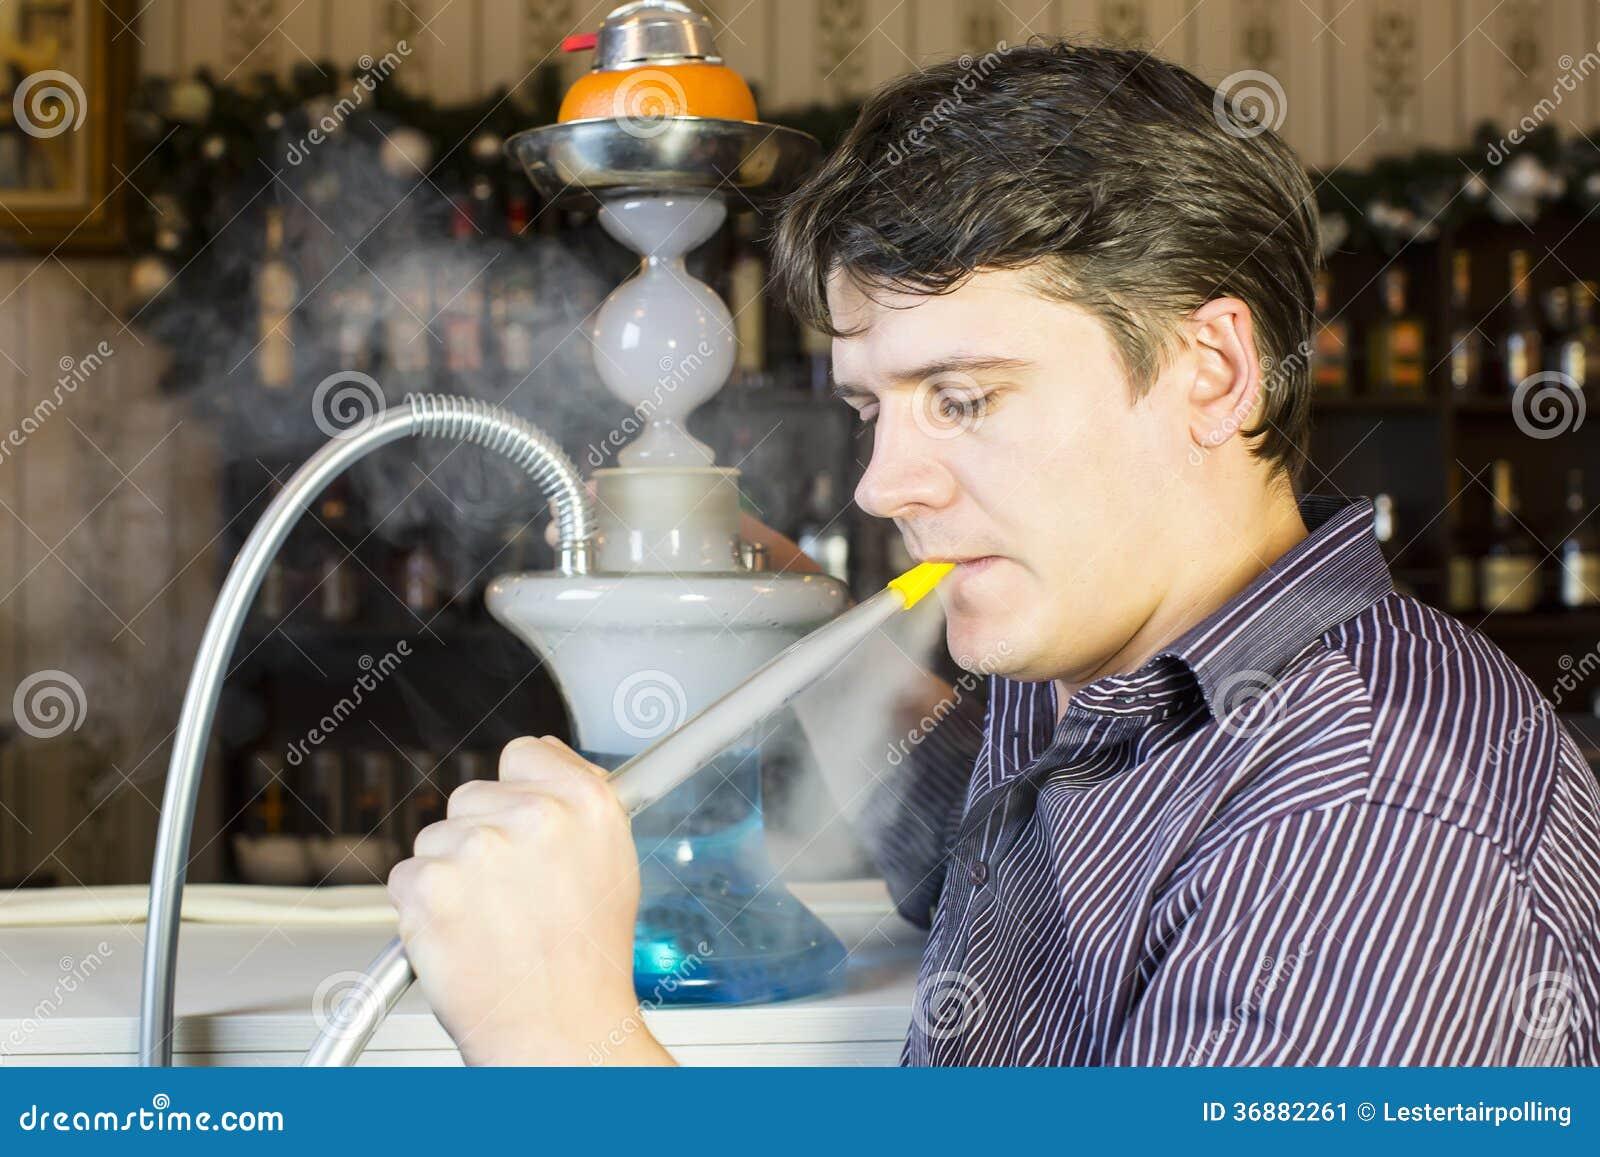 Download L'uomo fuma un narghilé immagine stock. Immagine di contemplation - 36882261